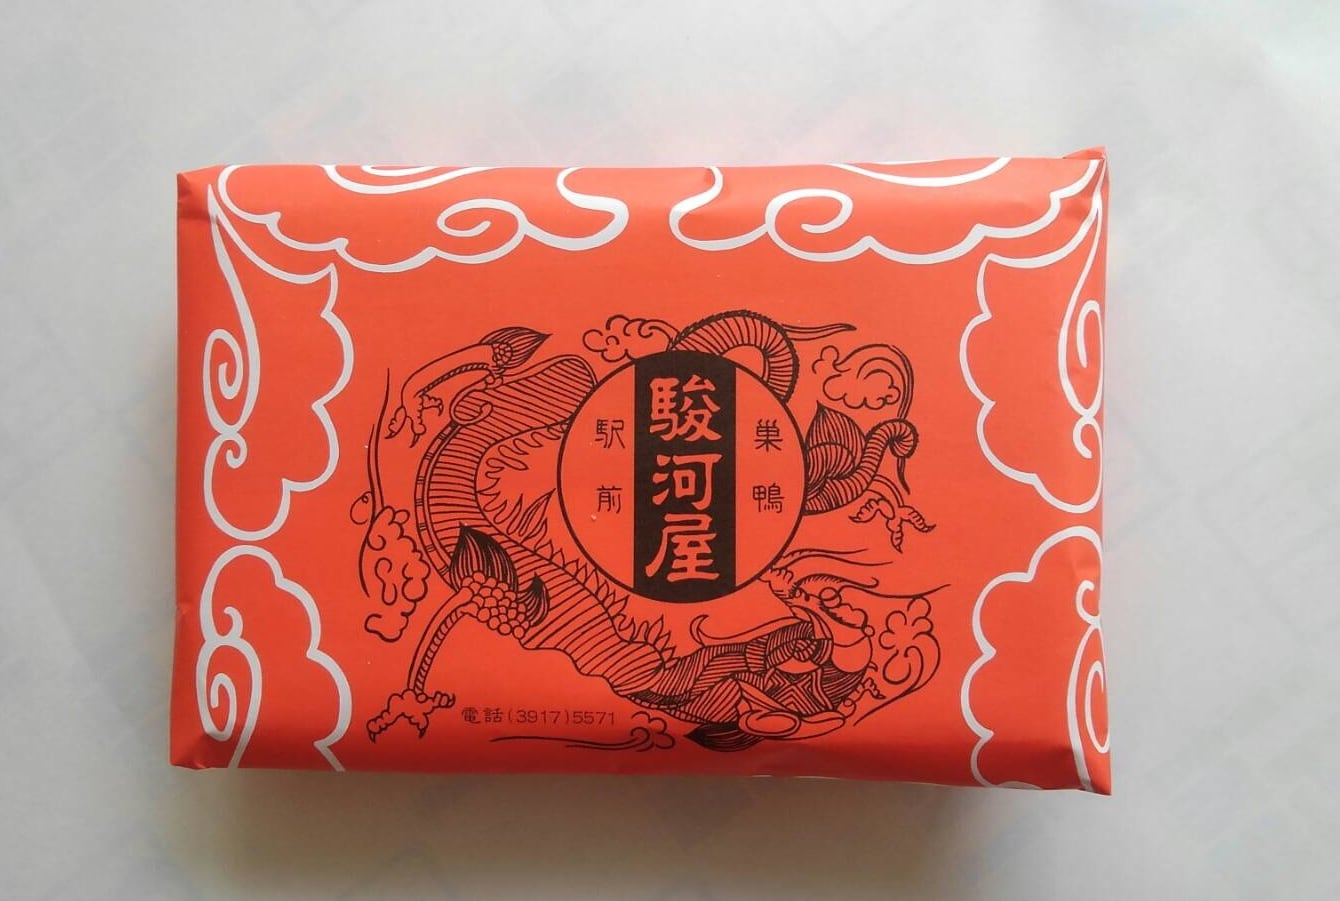 福々まんじゅう駿河屋 特製シュウマイ 全国配送いたします